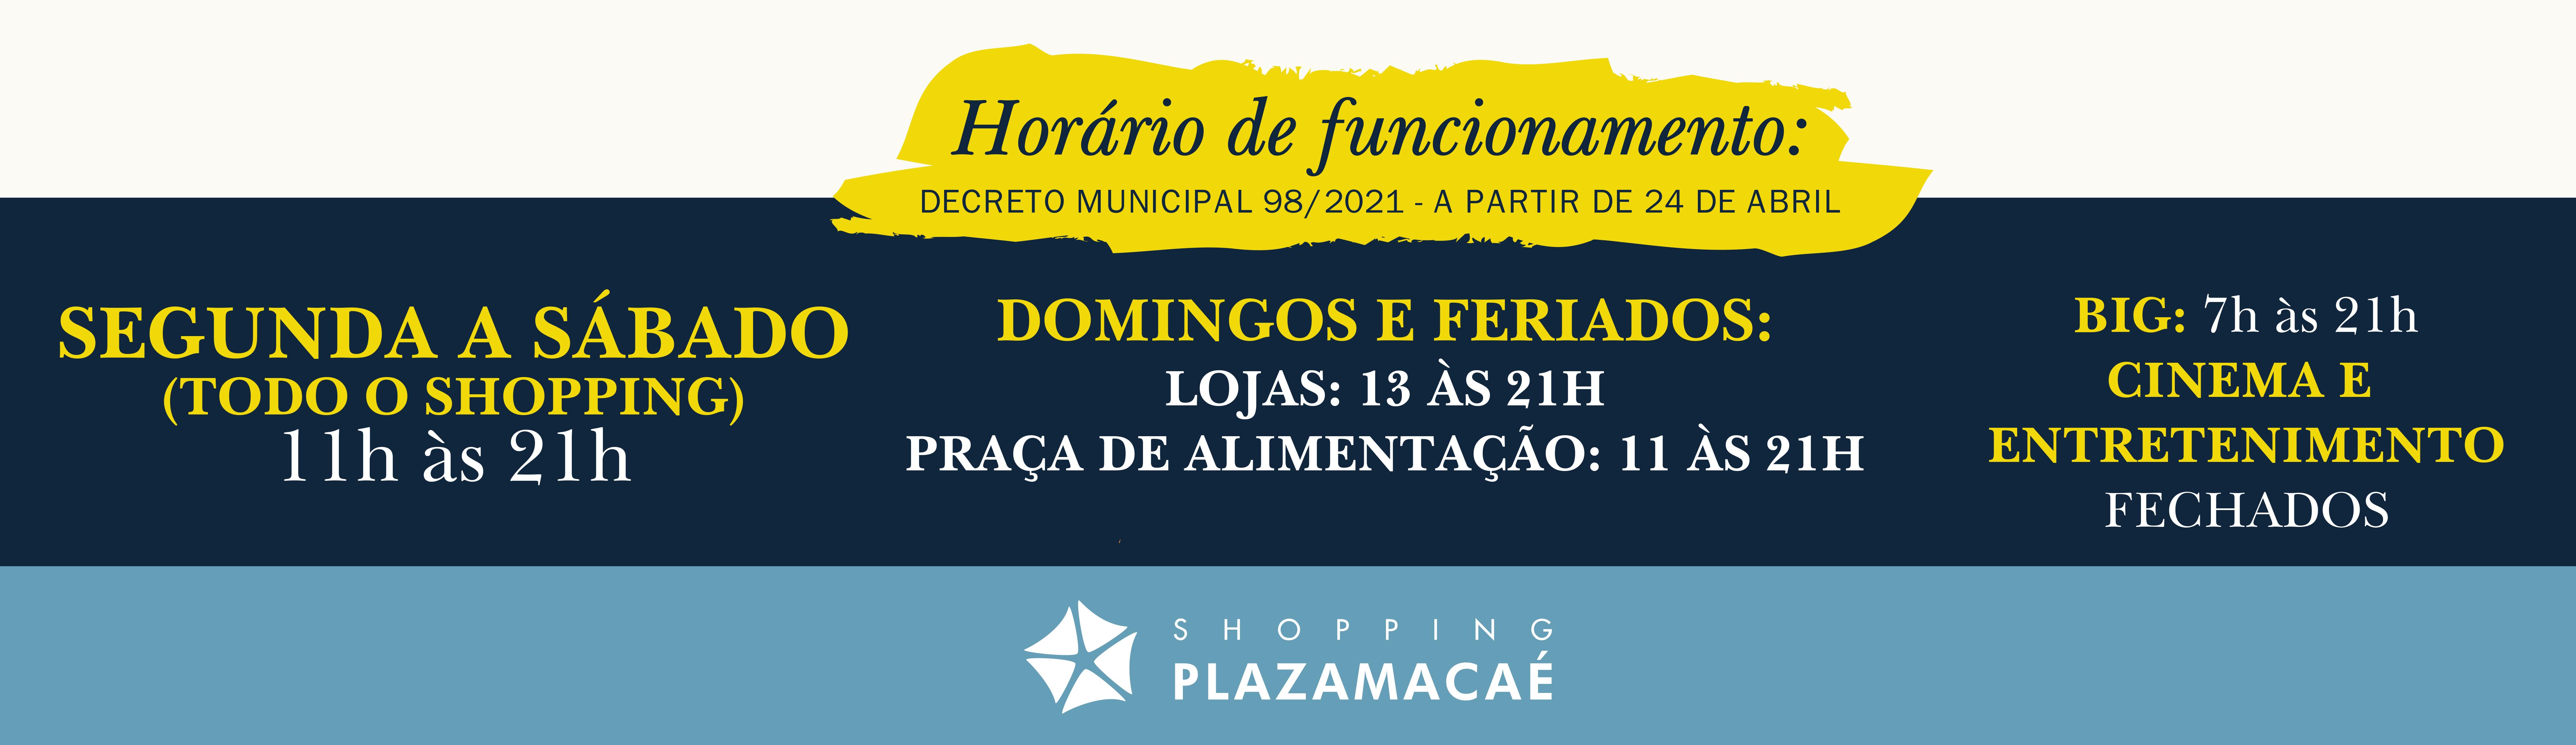 Banner Horário